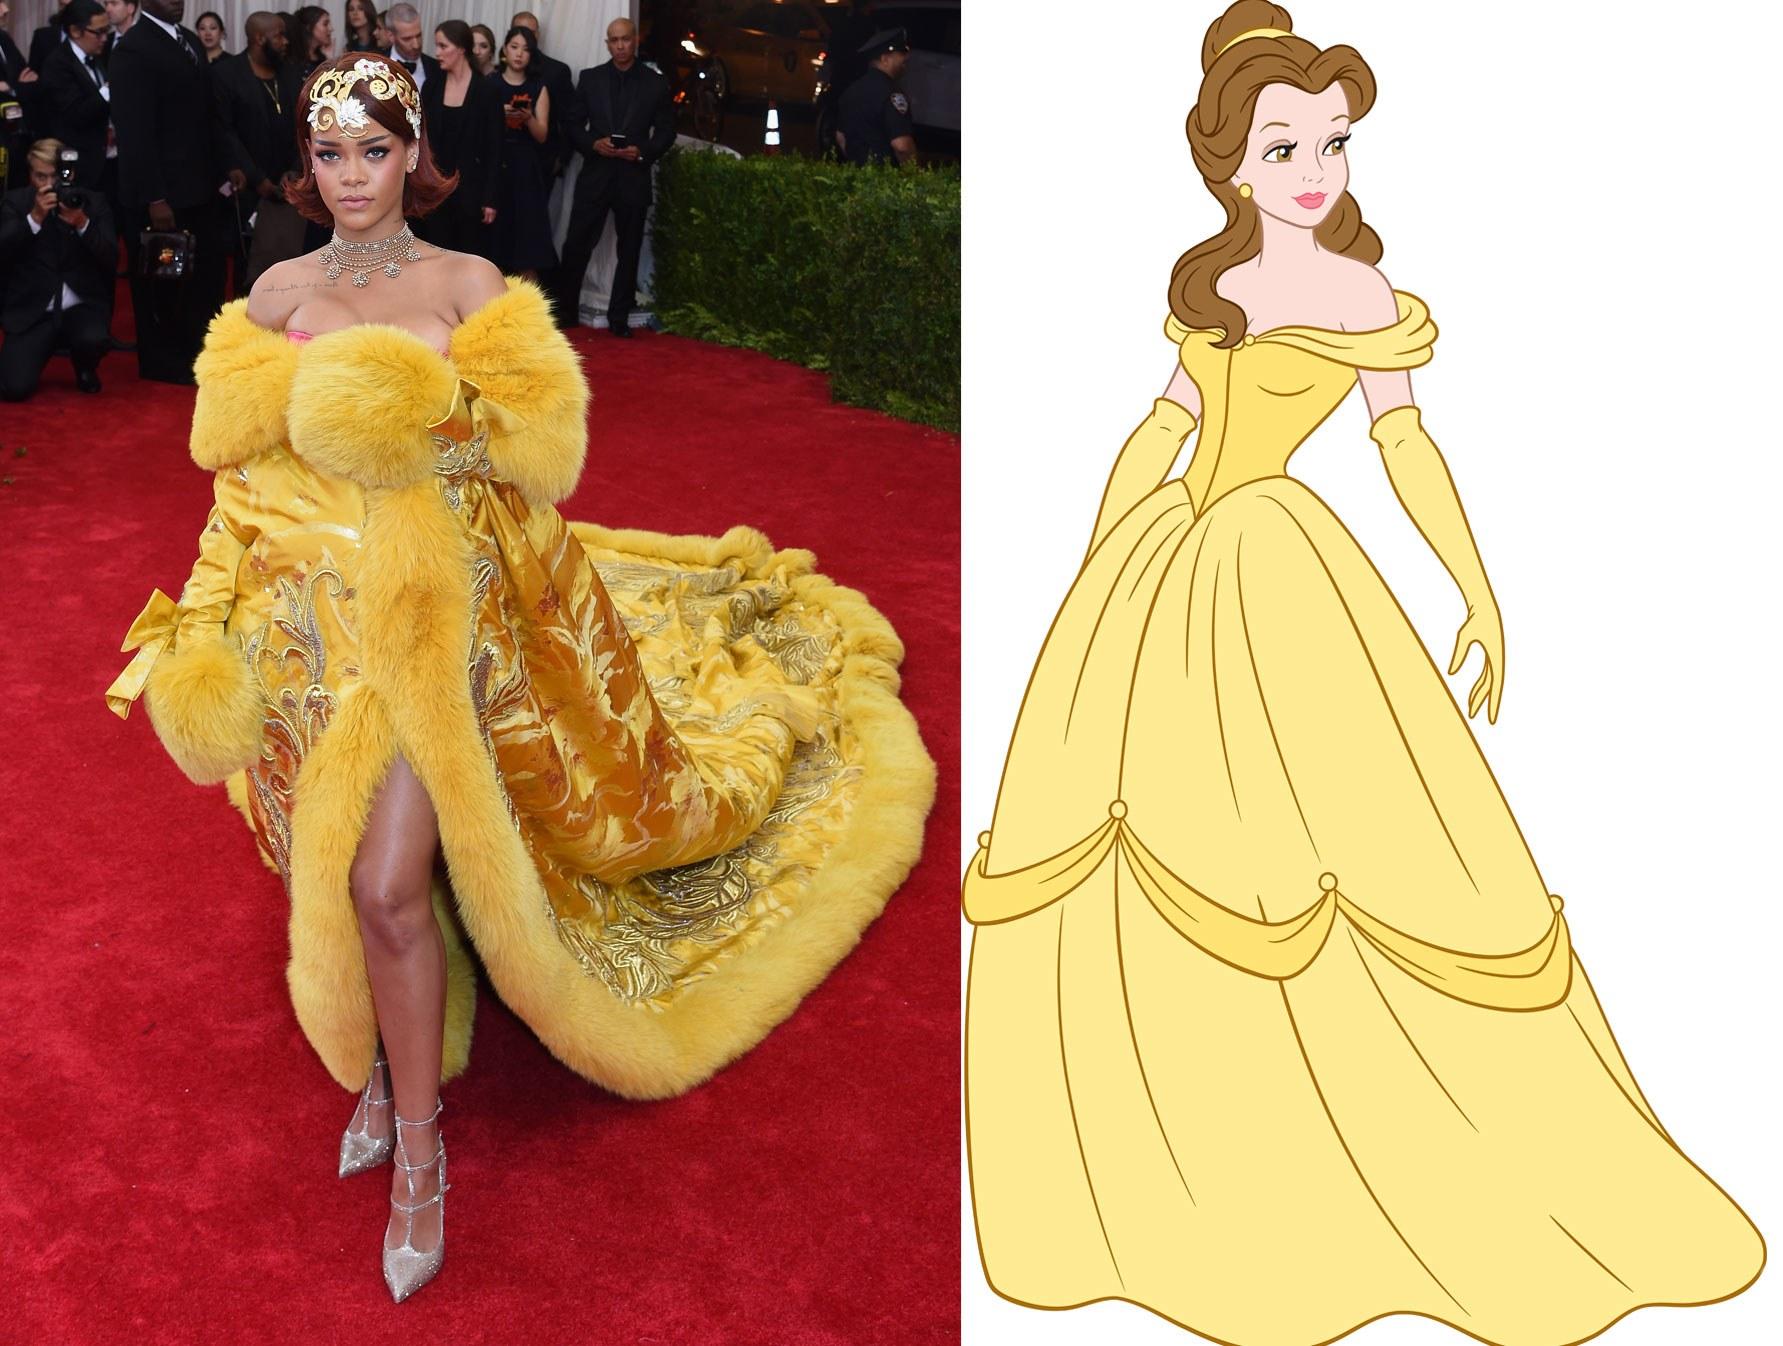 Is Rihanna Secretly a Disney Princess? - Vogue